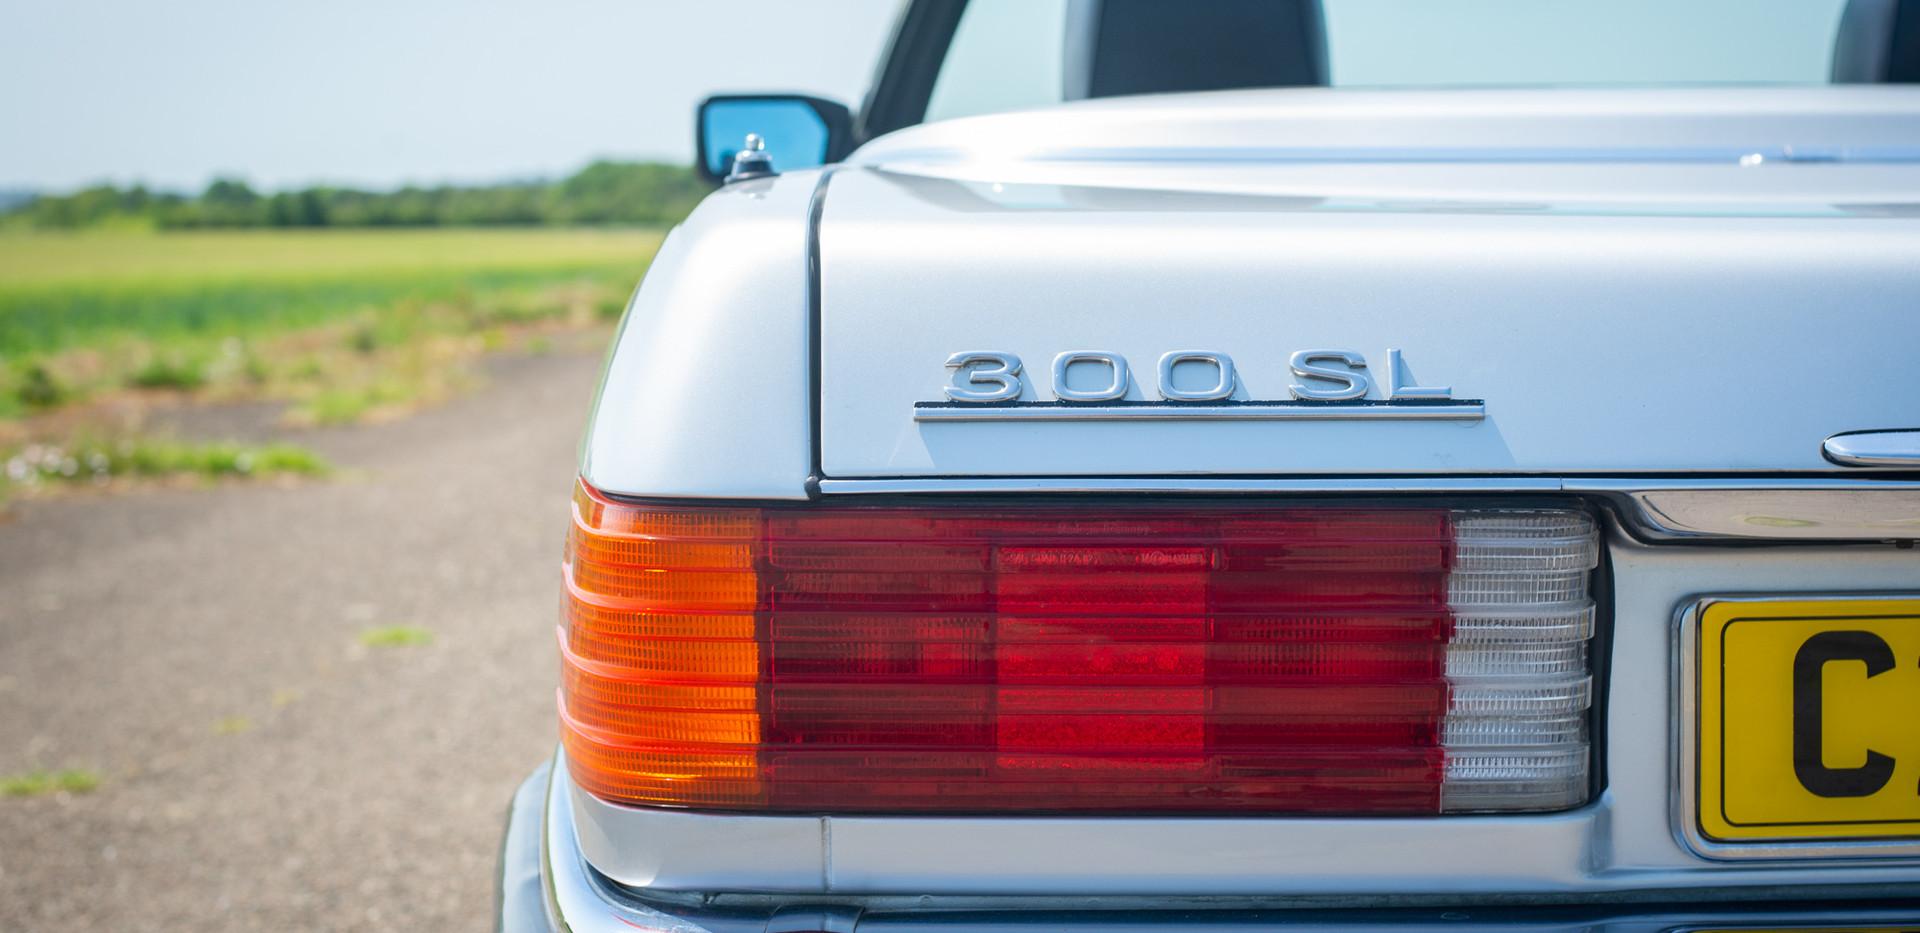 R107 300SL Silver C272 RBV-21.jpg